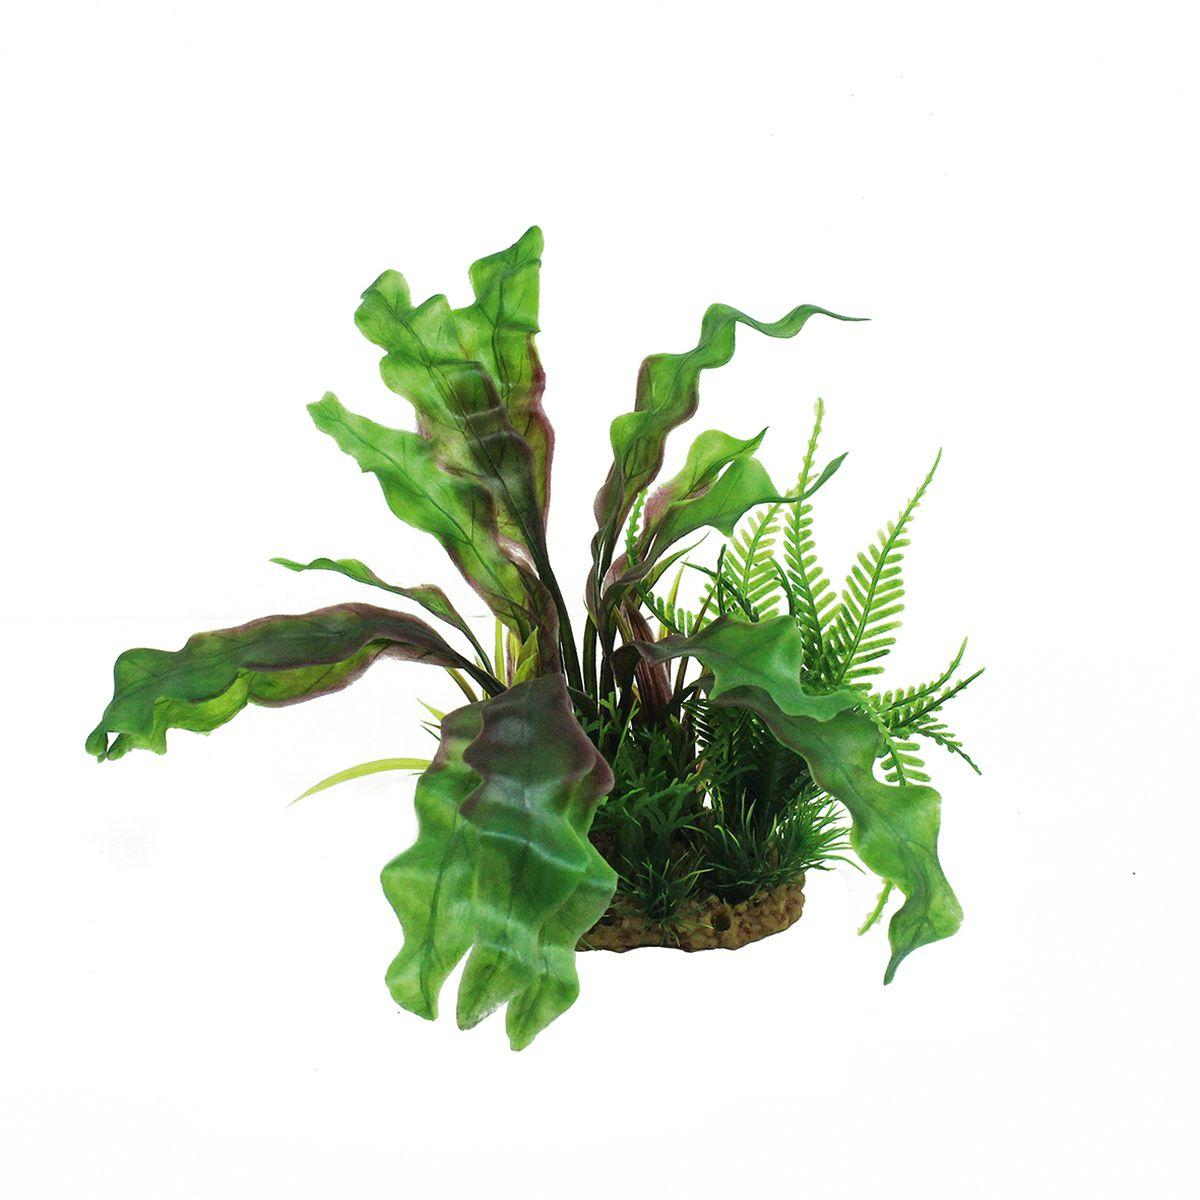 Растение для аквариума ArtUniq Апоногетон, высота 20 см0120710Композиция из искусственных растений ArtUniq превосходно украсит и оживит аквариум.Растения - это важная часть любой композиции, они помогут вдохнуть жизнь в ландшафт любого аквариума или террариума. А их сходствос природными порадует даже самых взыскательных ценителей.